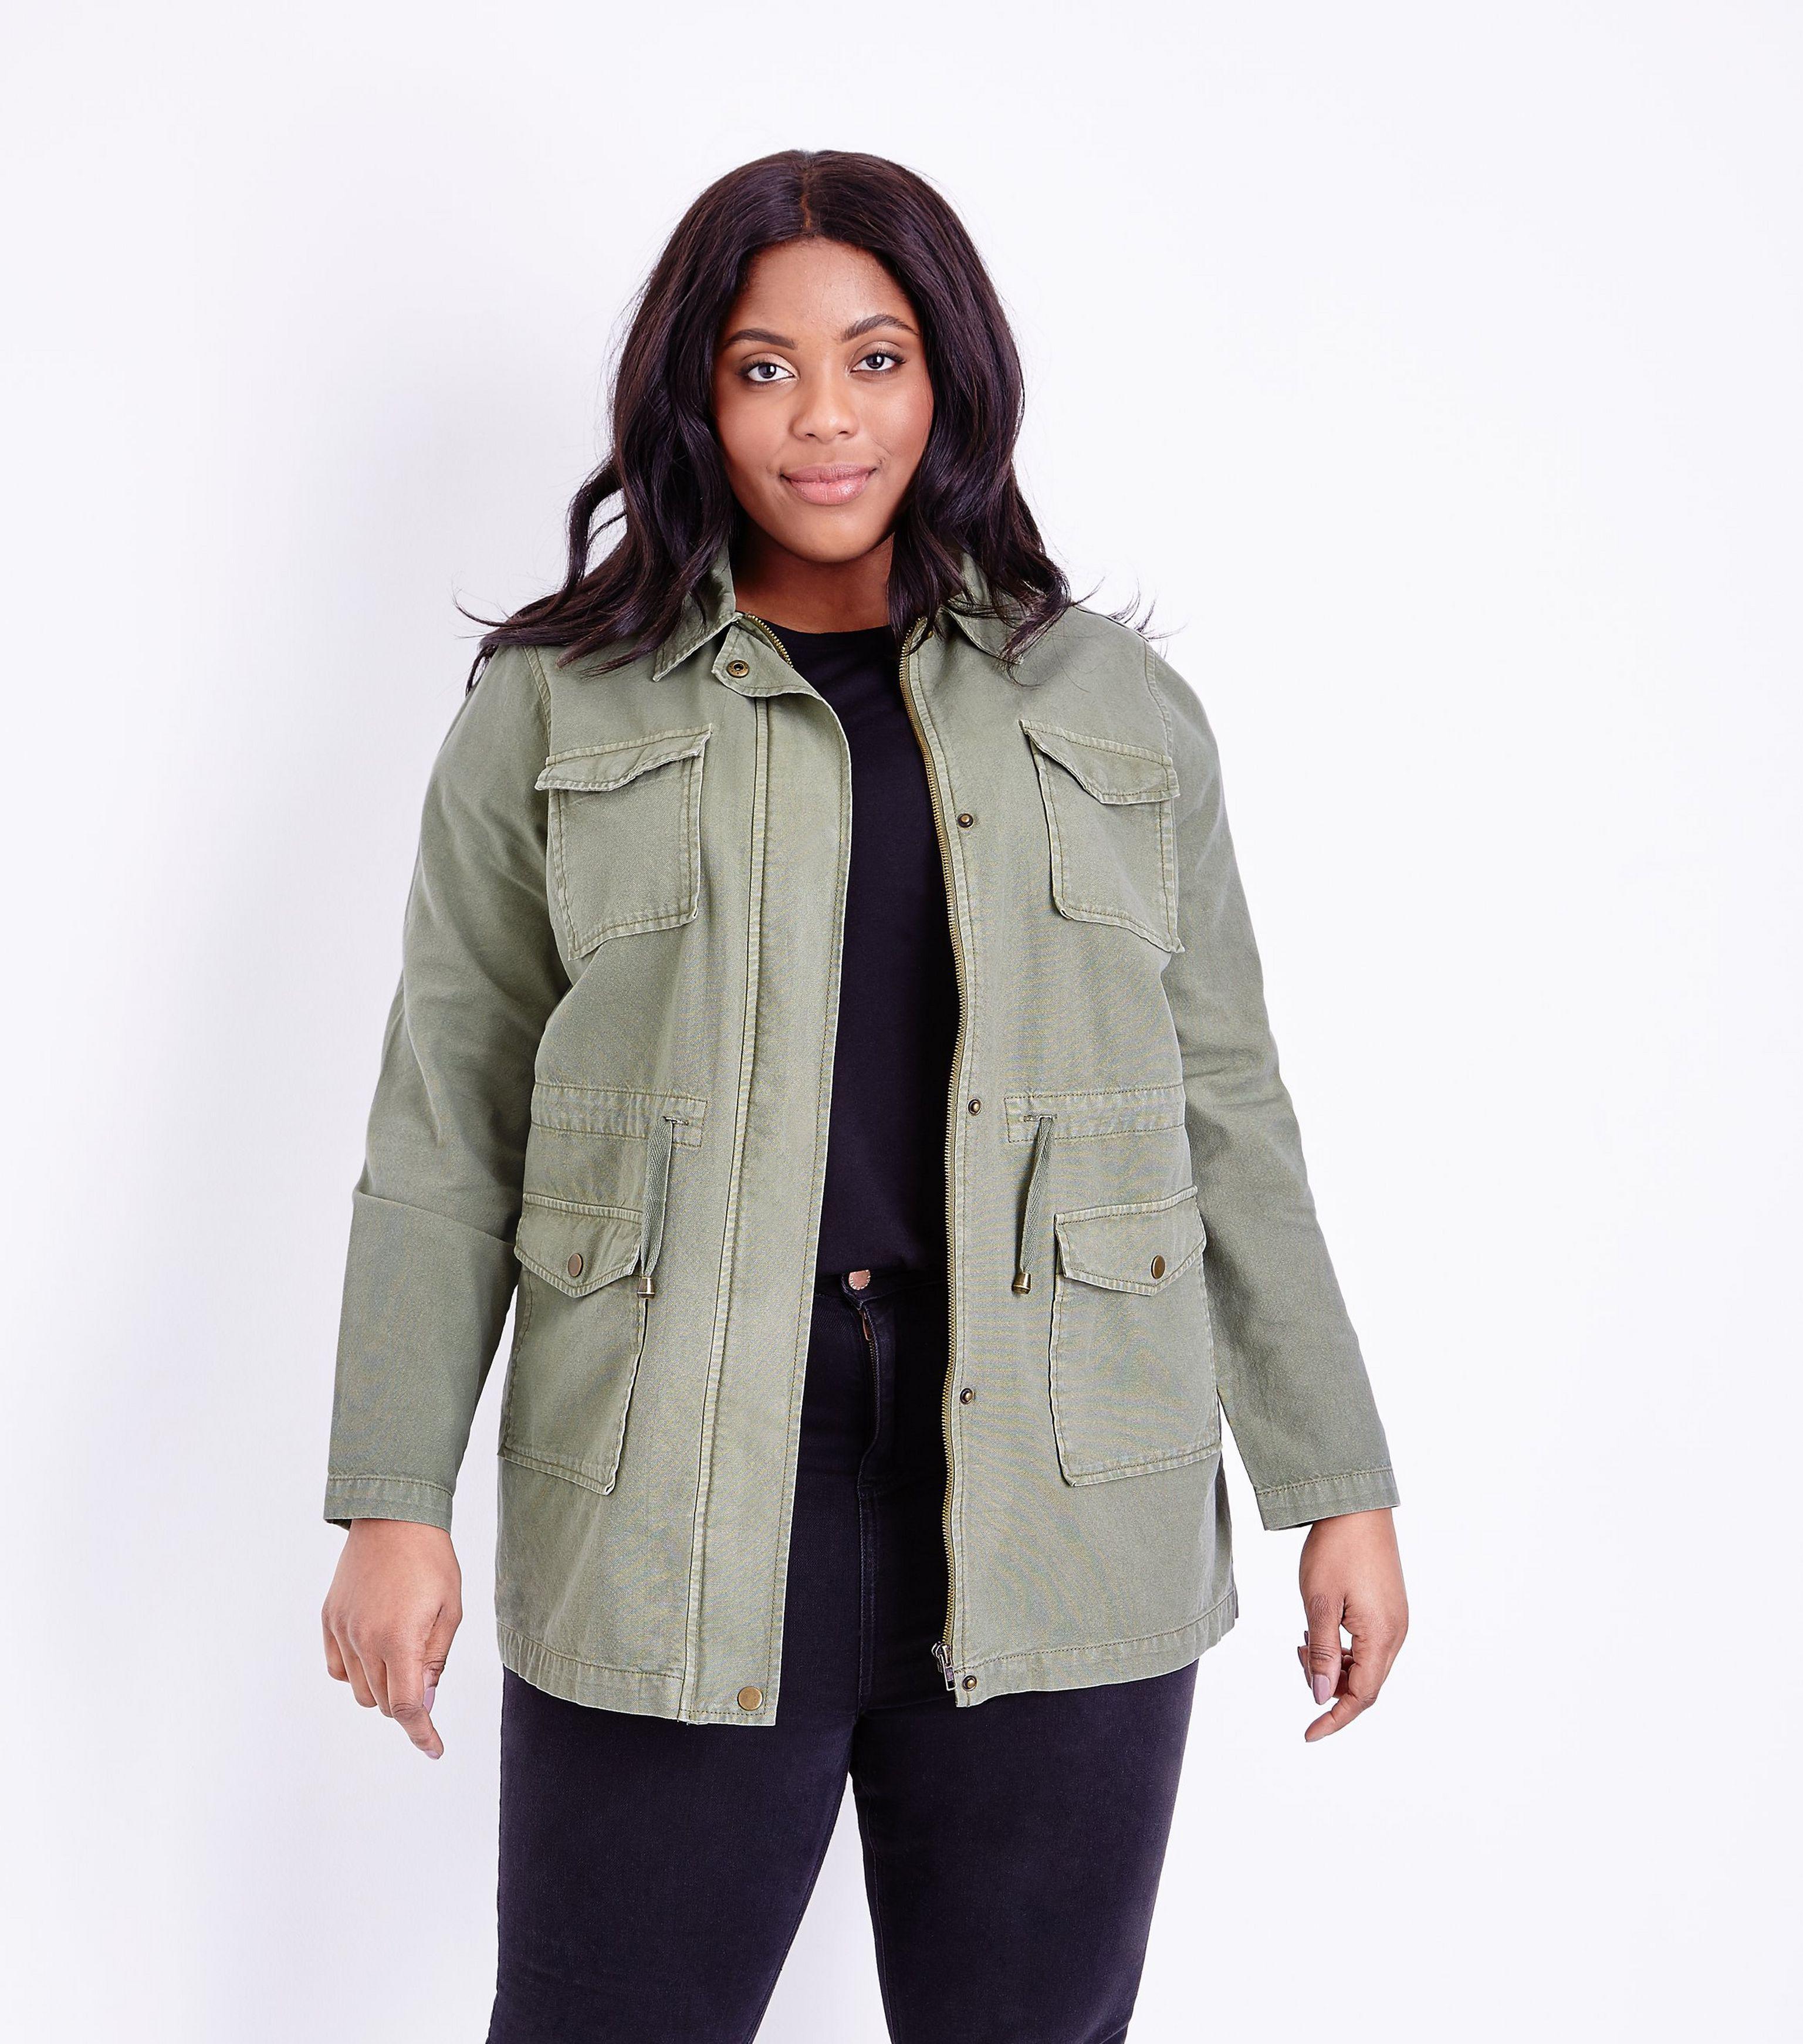 66765b1786ca New Look Curves Khaki Cotton Shacket - Lyst